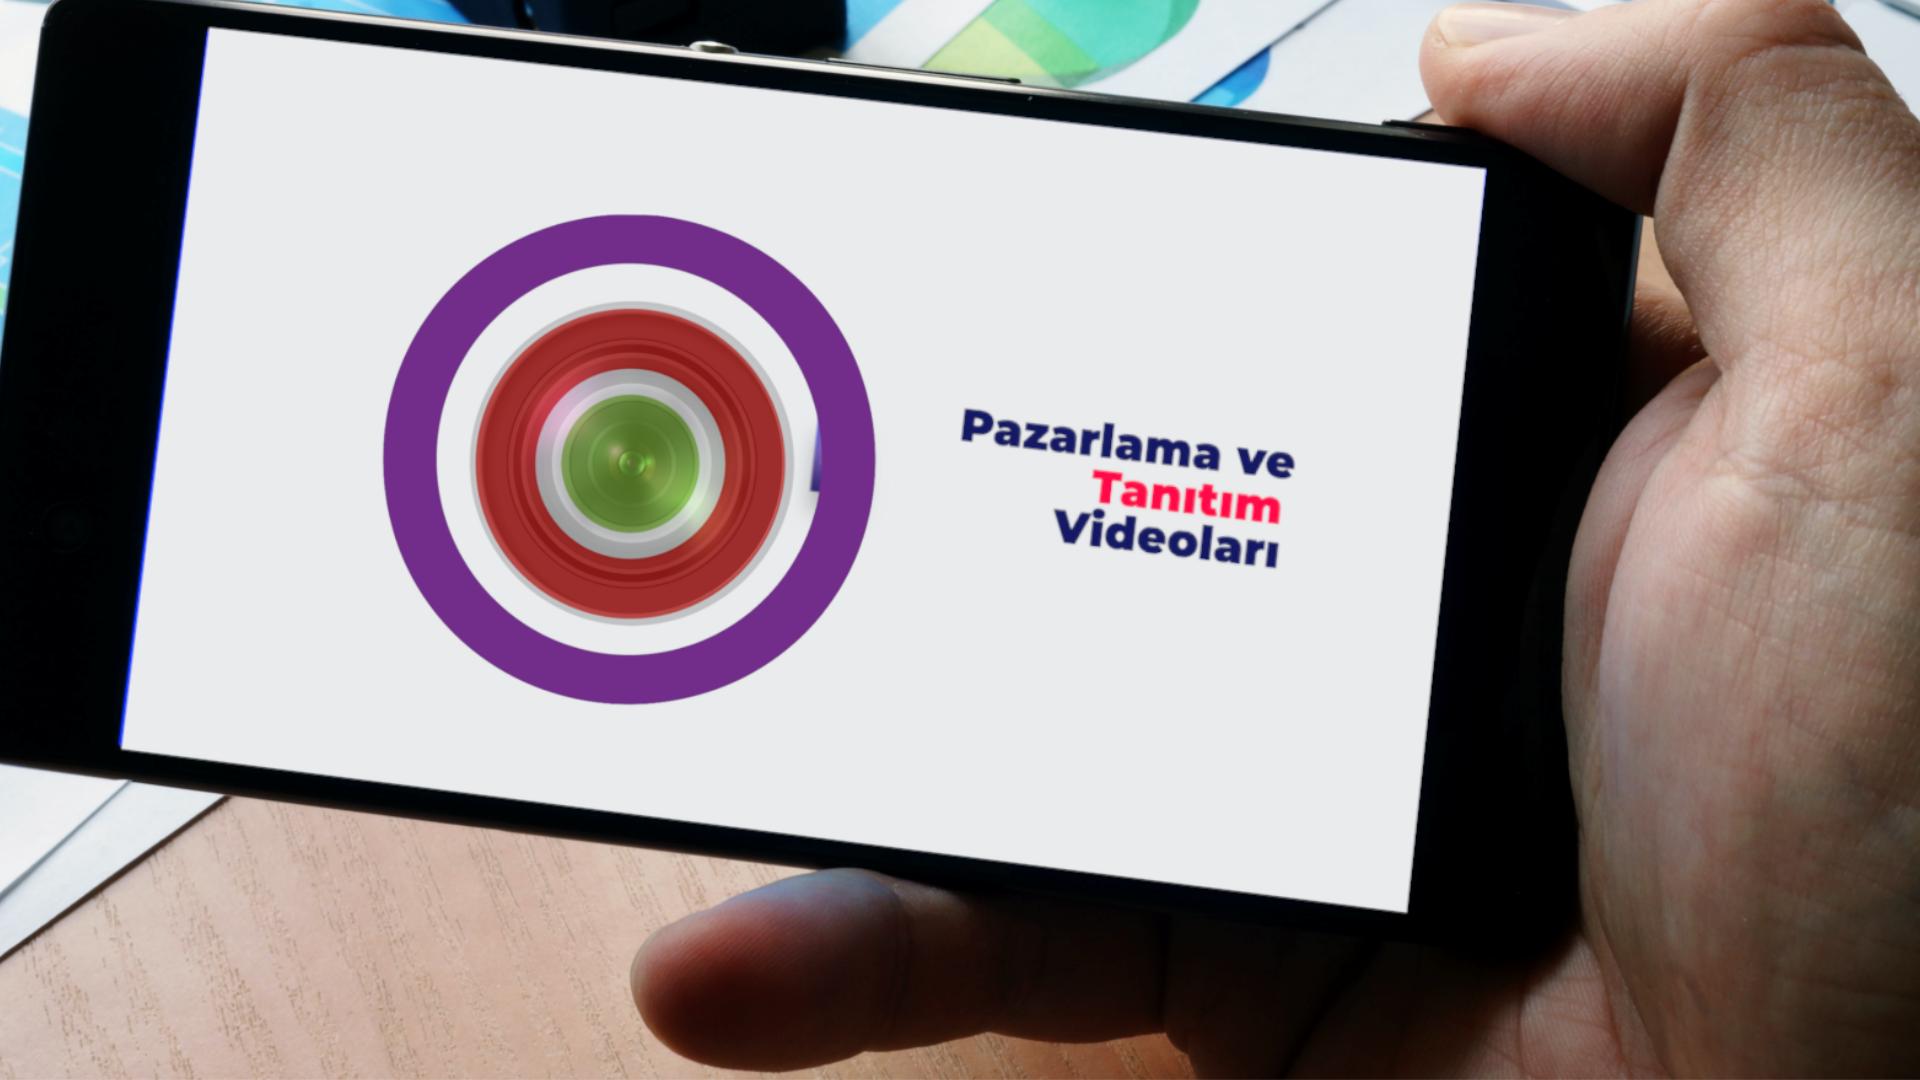 Pazarlama ve Tanıtım Videolarında Prodüksiyon Süreci Nasıl İşler?